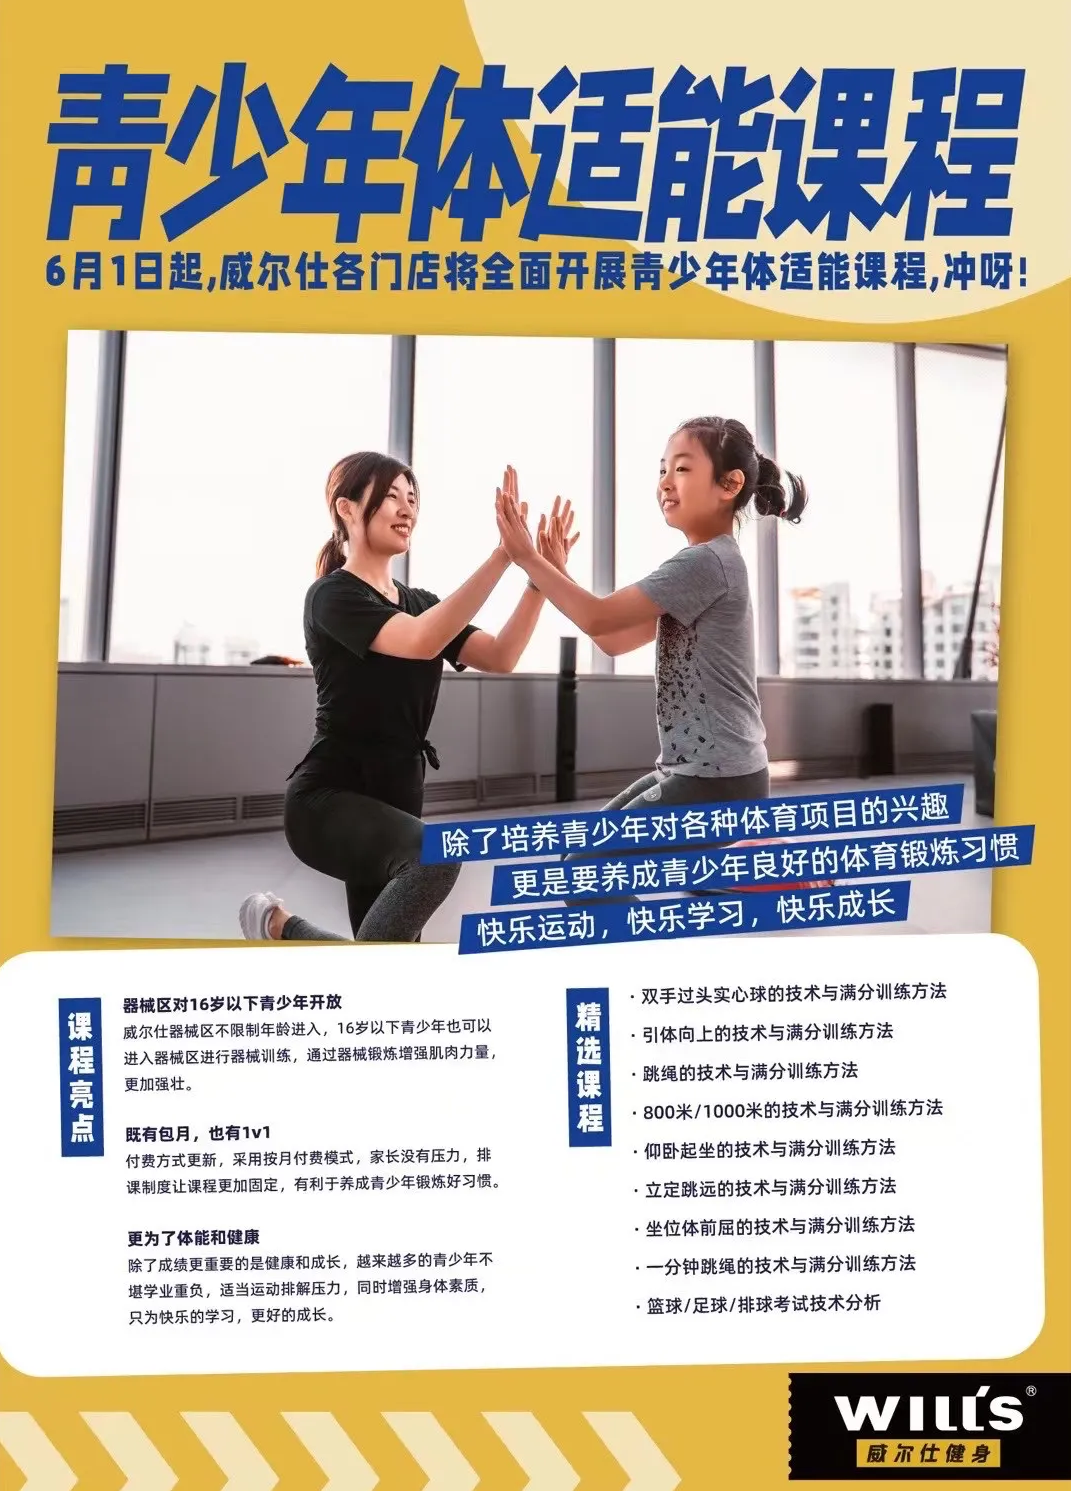 威尔仕推体育中考课程,中田健身门店达808家,2020上海全民健身投入45.3亿元   月报